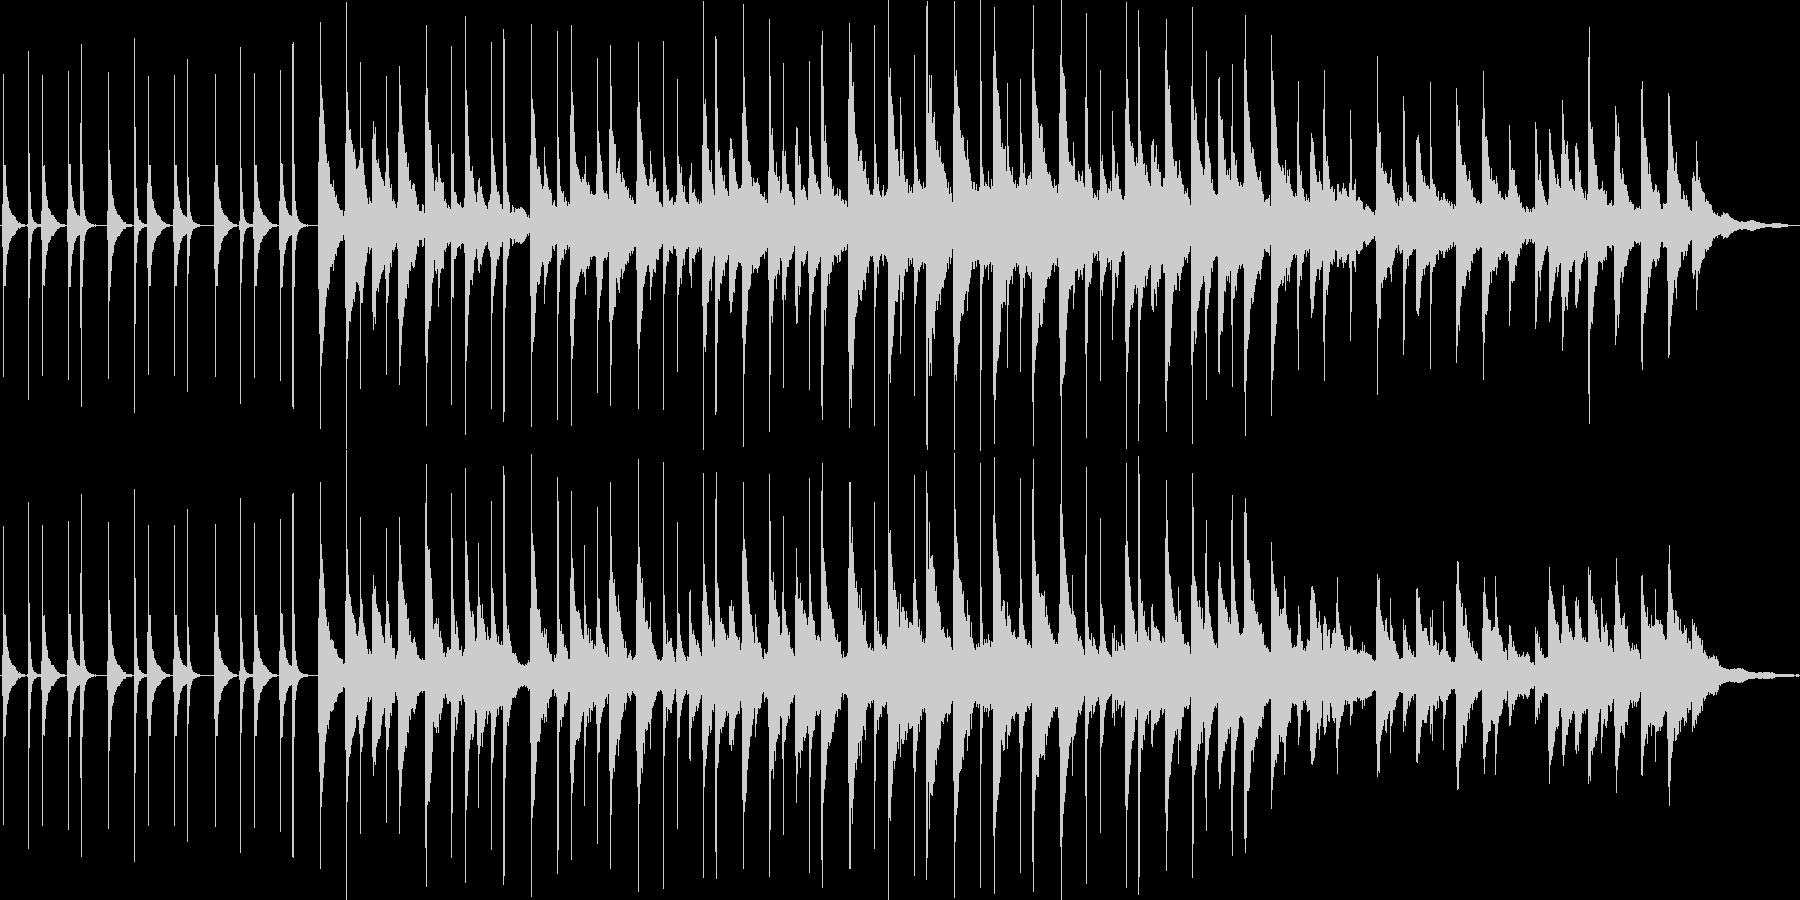 ほのぼの系CM用BGMの未再生の波形